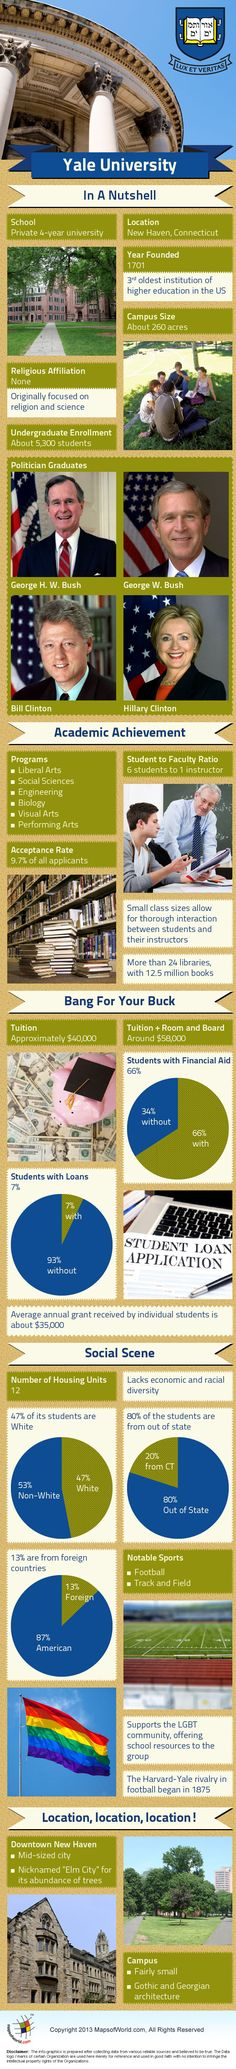 Yale University #Infographic #univerro #yale